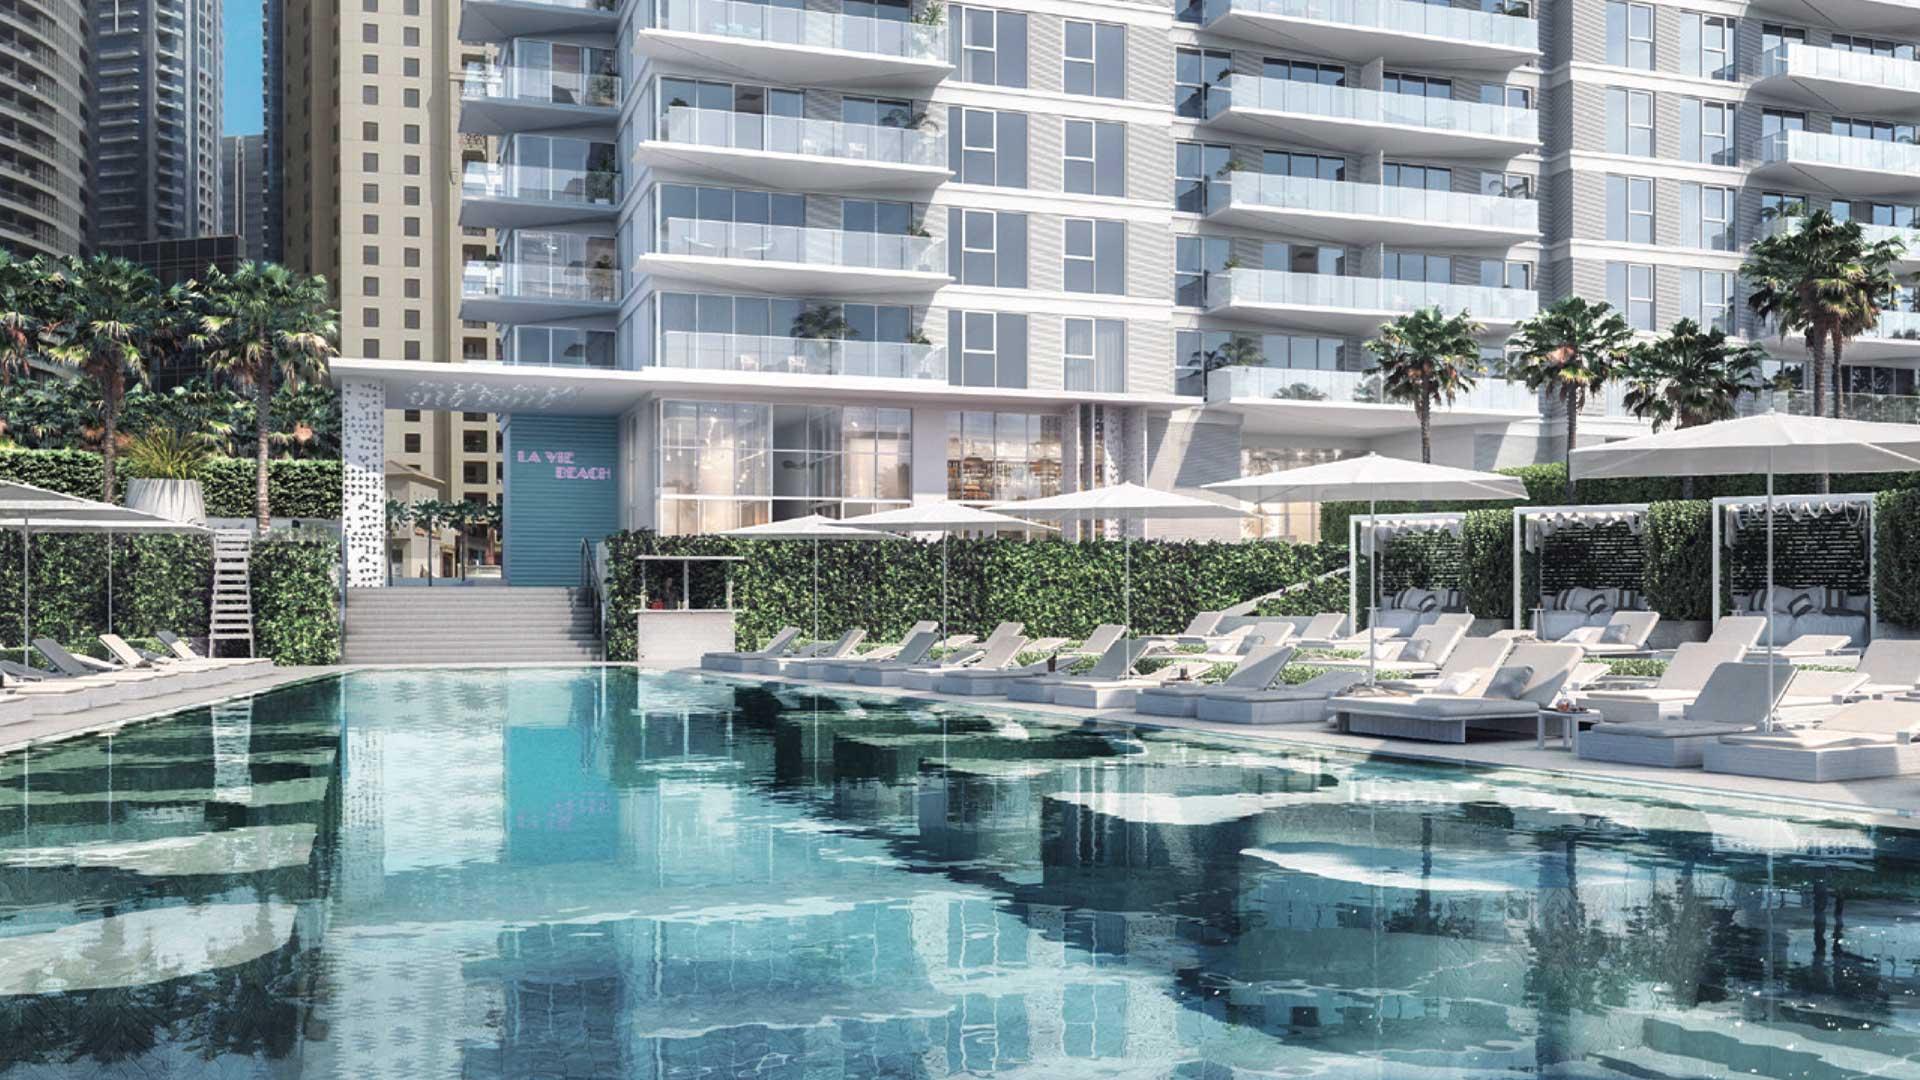 Ático en venta en Dubai, EAU, 5 dormitorios, 414 m2, № 24551 – foto 3